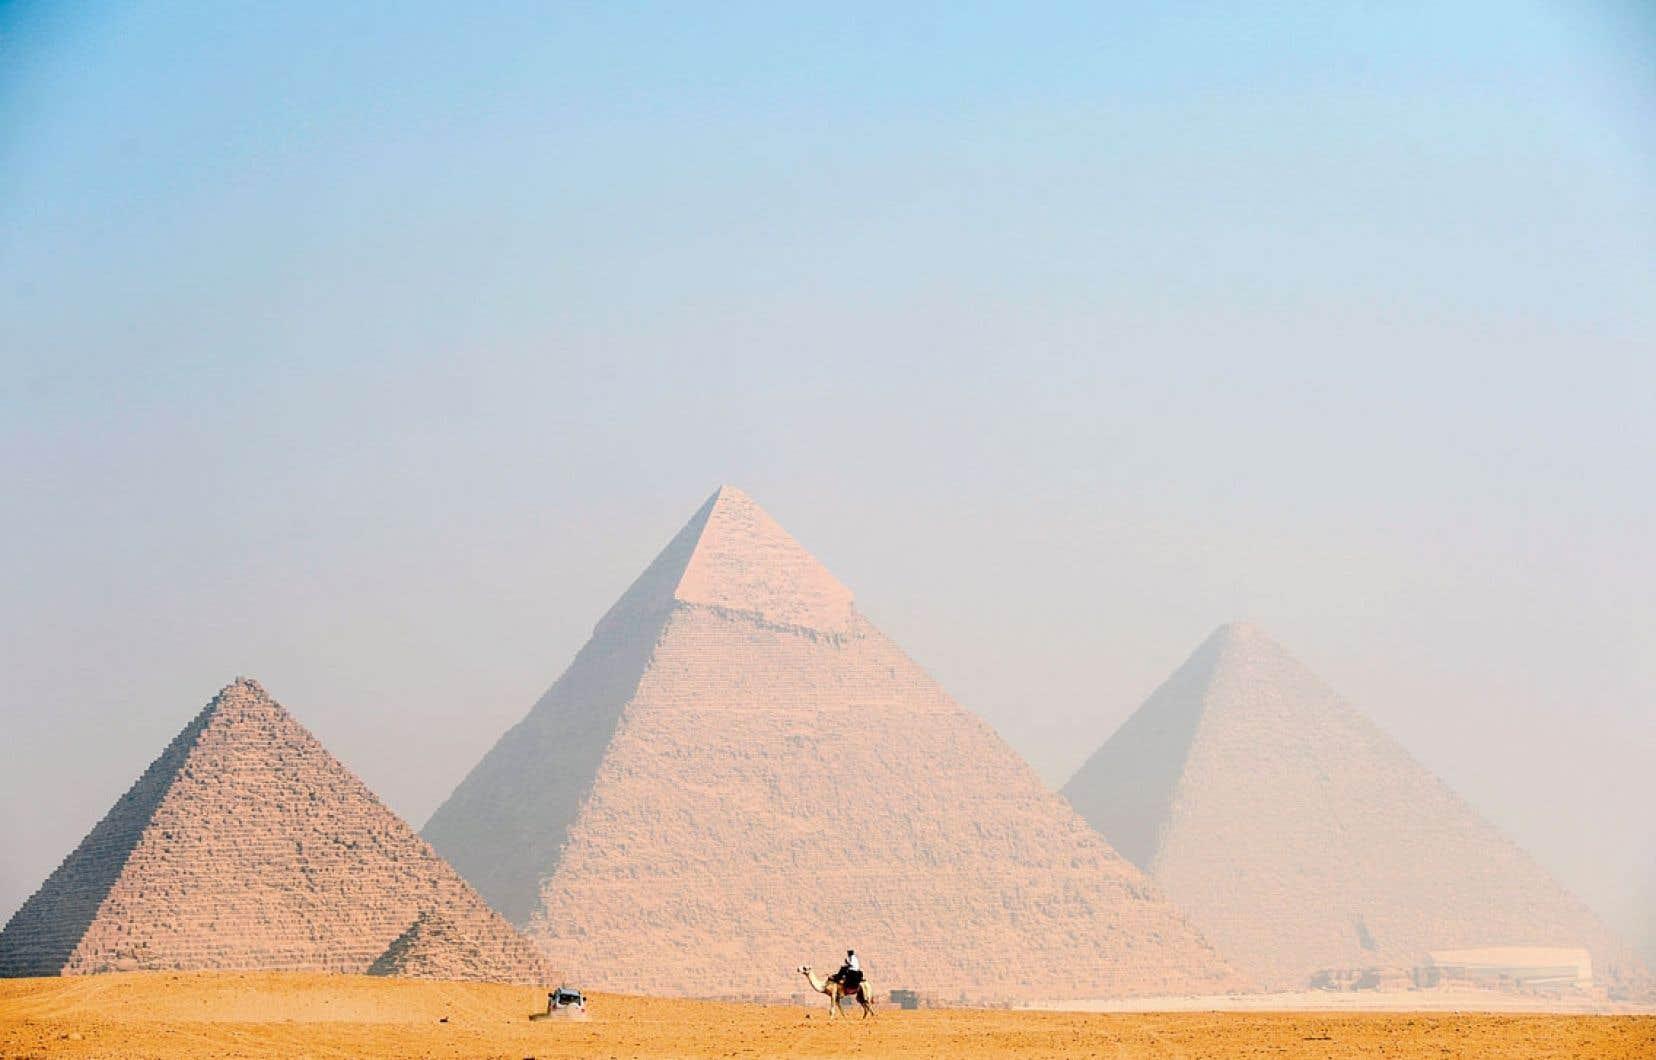 Dernier signe d'inquiétude en date, la devise égyptienne vient de tomber en quelques jours de 6 à 6,4 livres pour un dollar, une dépréciation dont la soudaineté traduit la difficulté de l'Égypte à défendre sa monnaie, et fait redouter des baisses supplémentaires.